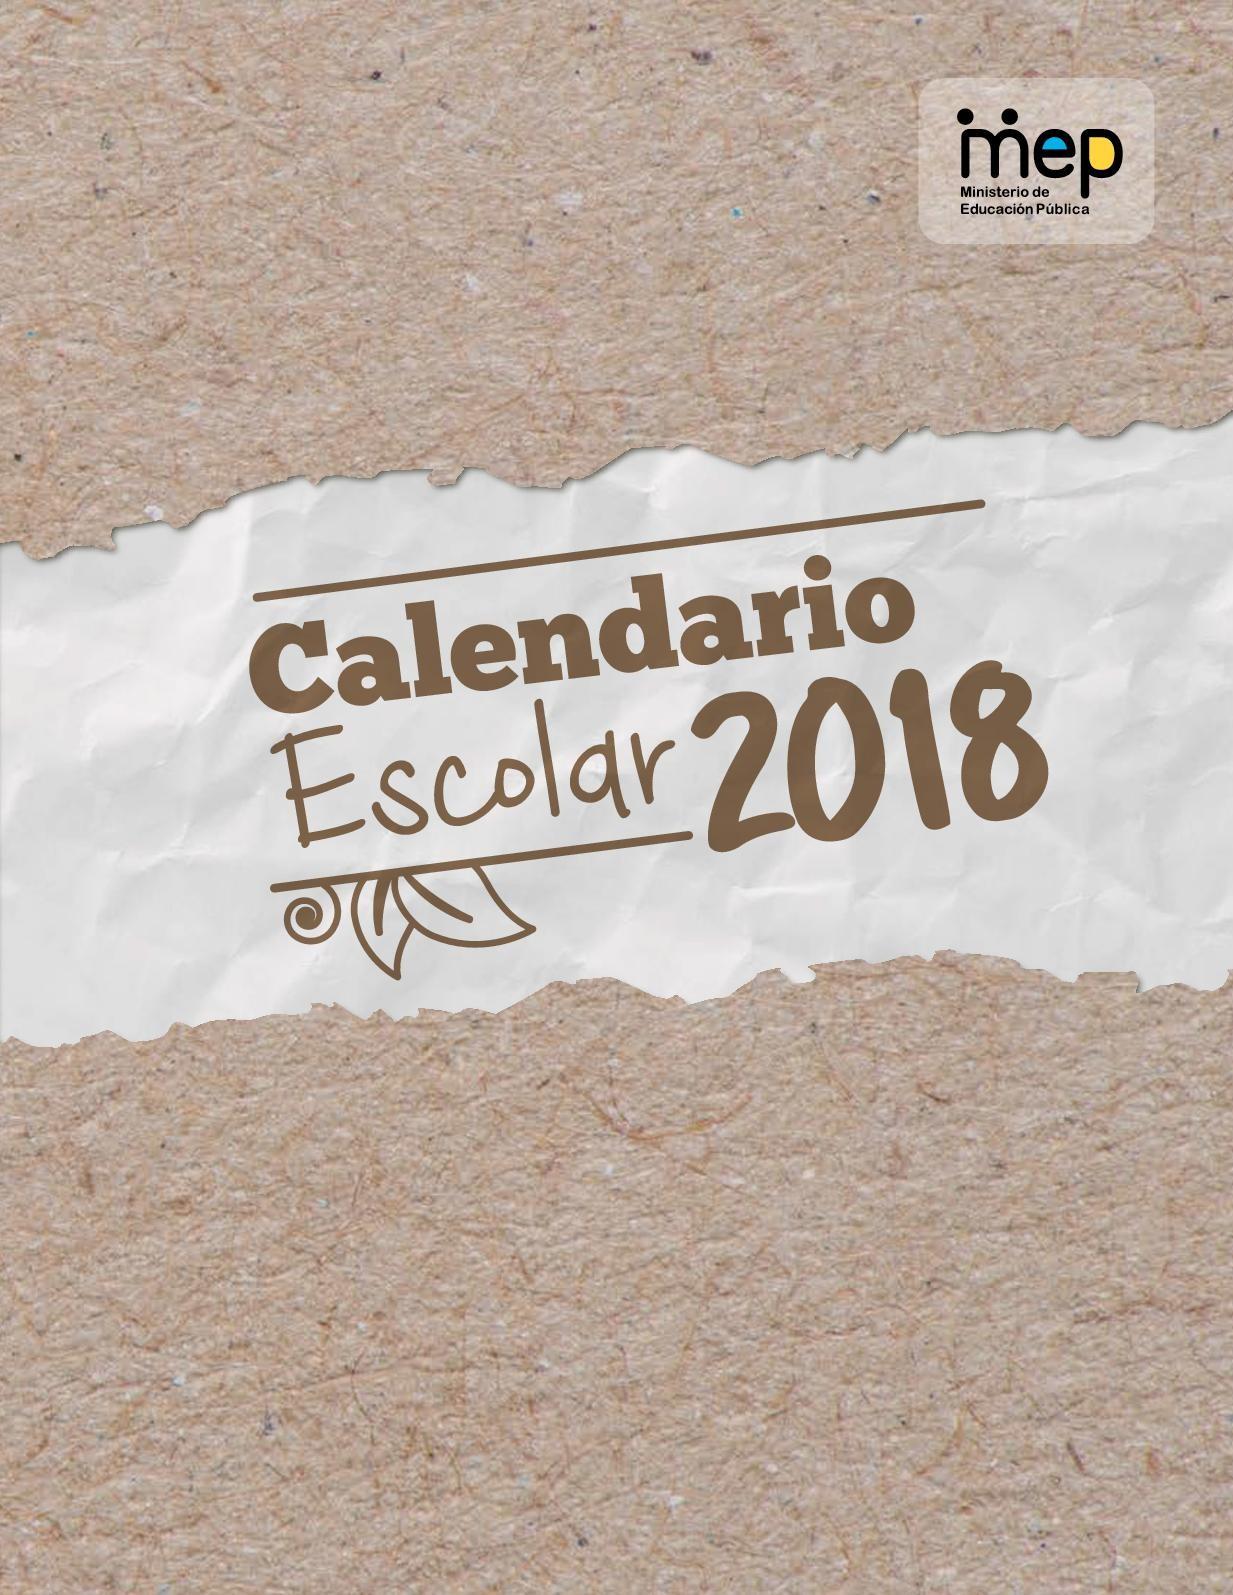 Calendario Febrero 2019 La Nacion Mejores Y Más Novedosos Calaméo Calendario Escolar 2018